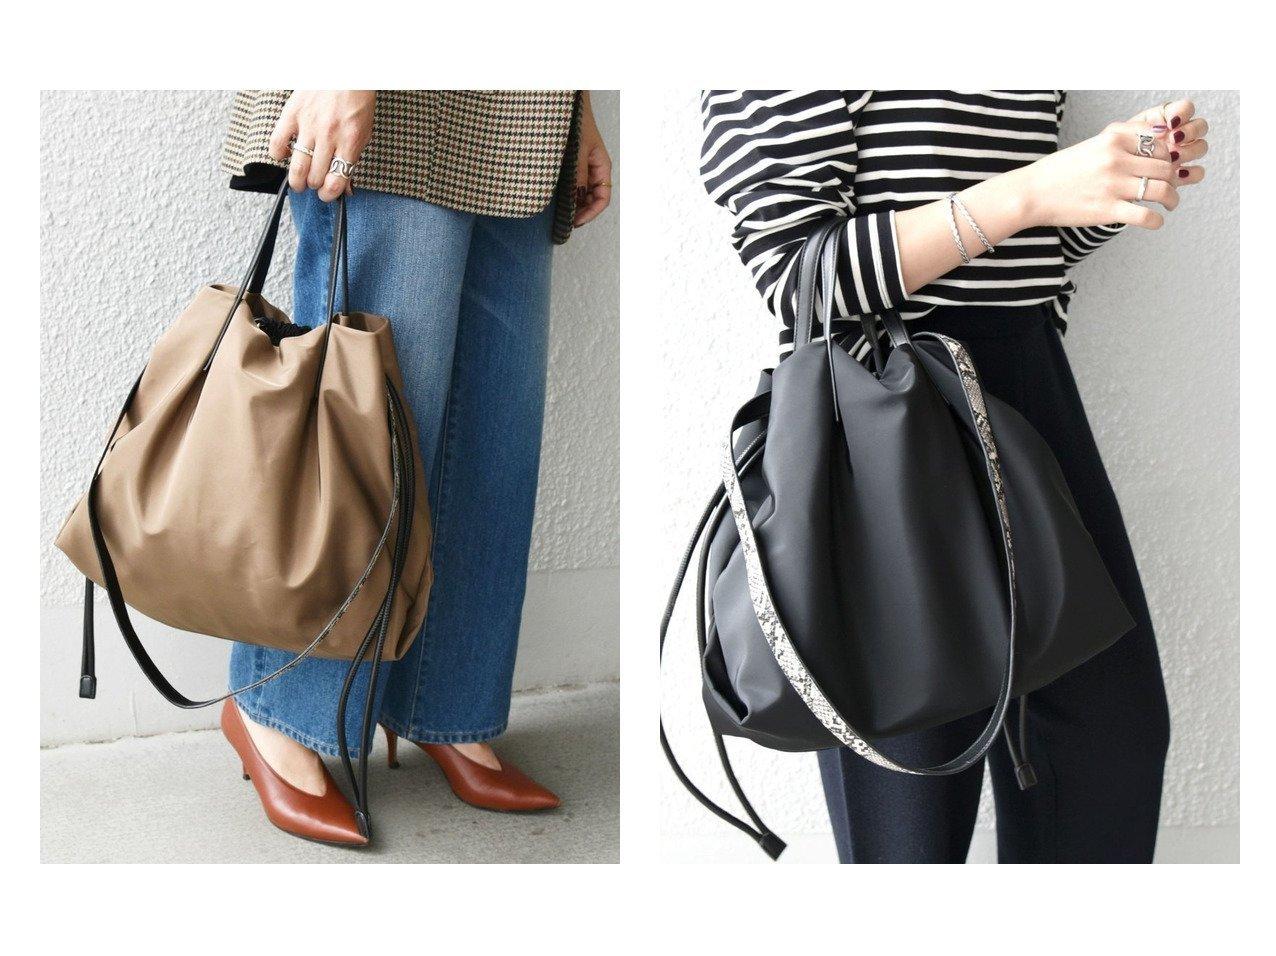 【SHIPS any/シップス エニィ】のSHIPS any マルチ 2WAY トートバッグ 【バッグ・鞄】おすすめ!人気、トレンド・レディースファッションの通販 おすすめで人気の流行・トレンド、ファッションの通販商品 インテリア・家具・メンズファッション・キッズファッション・レディースファッション・服の通販 founy(ファニー) https://founy.com/ ファッション Fashion レディースファッション WOMEN バッグ Bag おすすめ Recommend ショルダー シンプル パイソン ヨガ 巾着 |ID:crp329100000069030